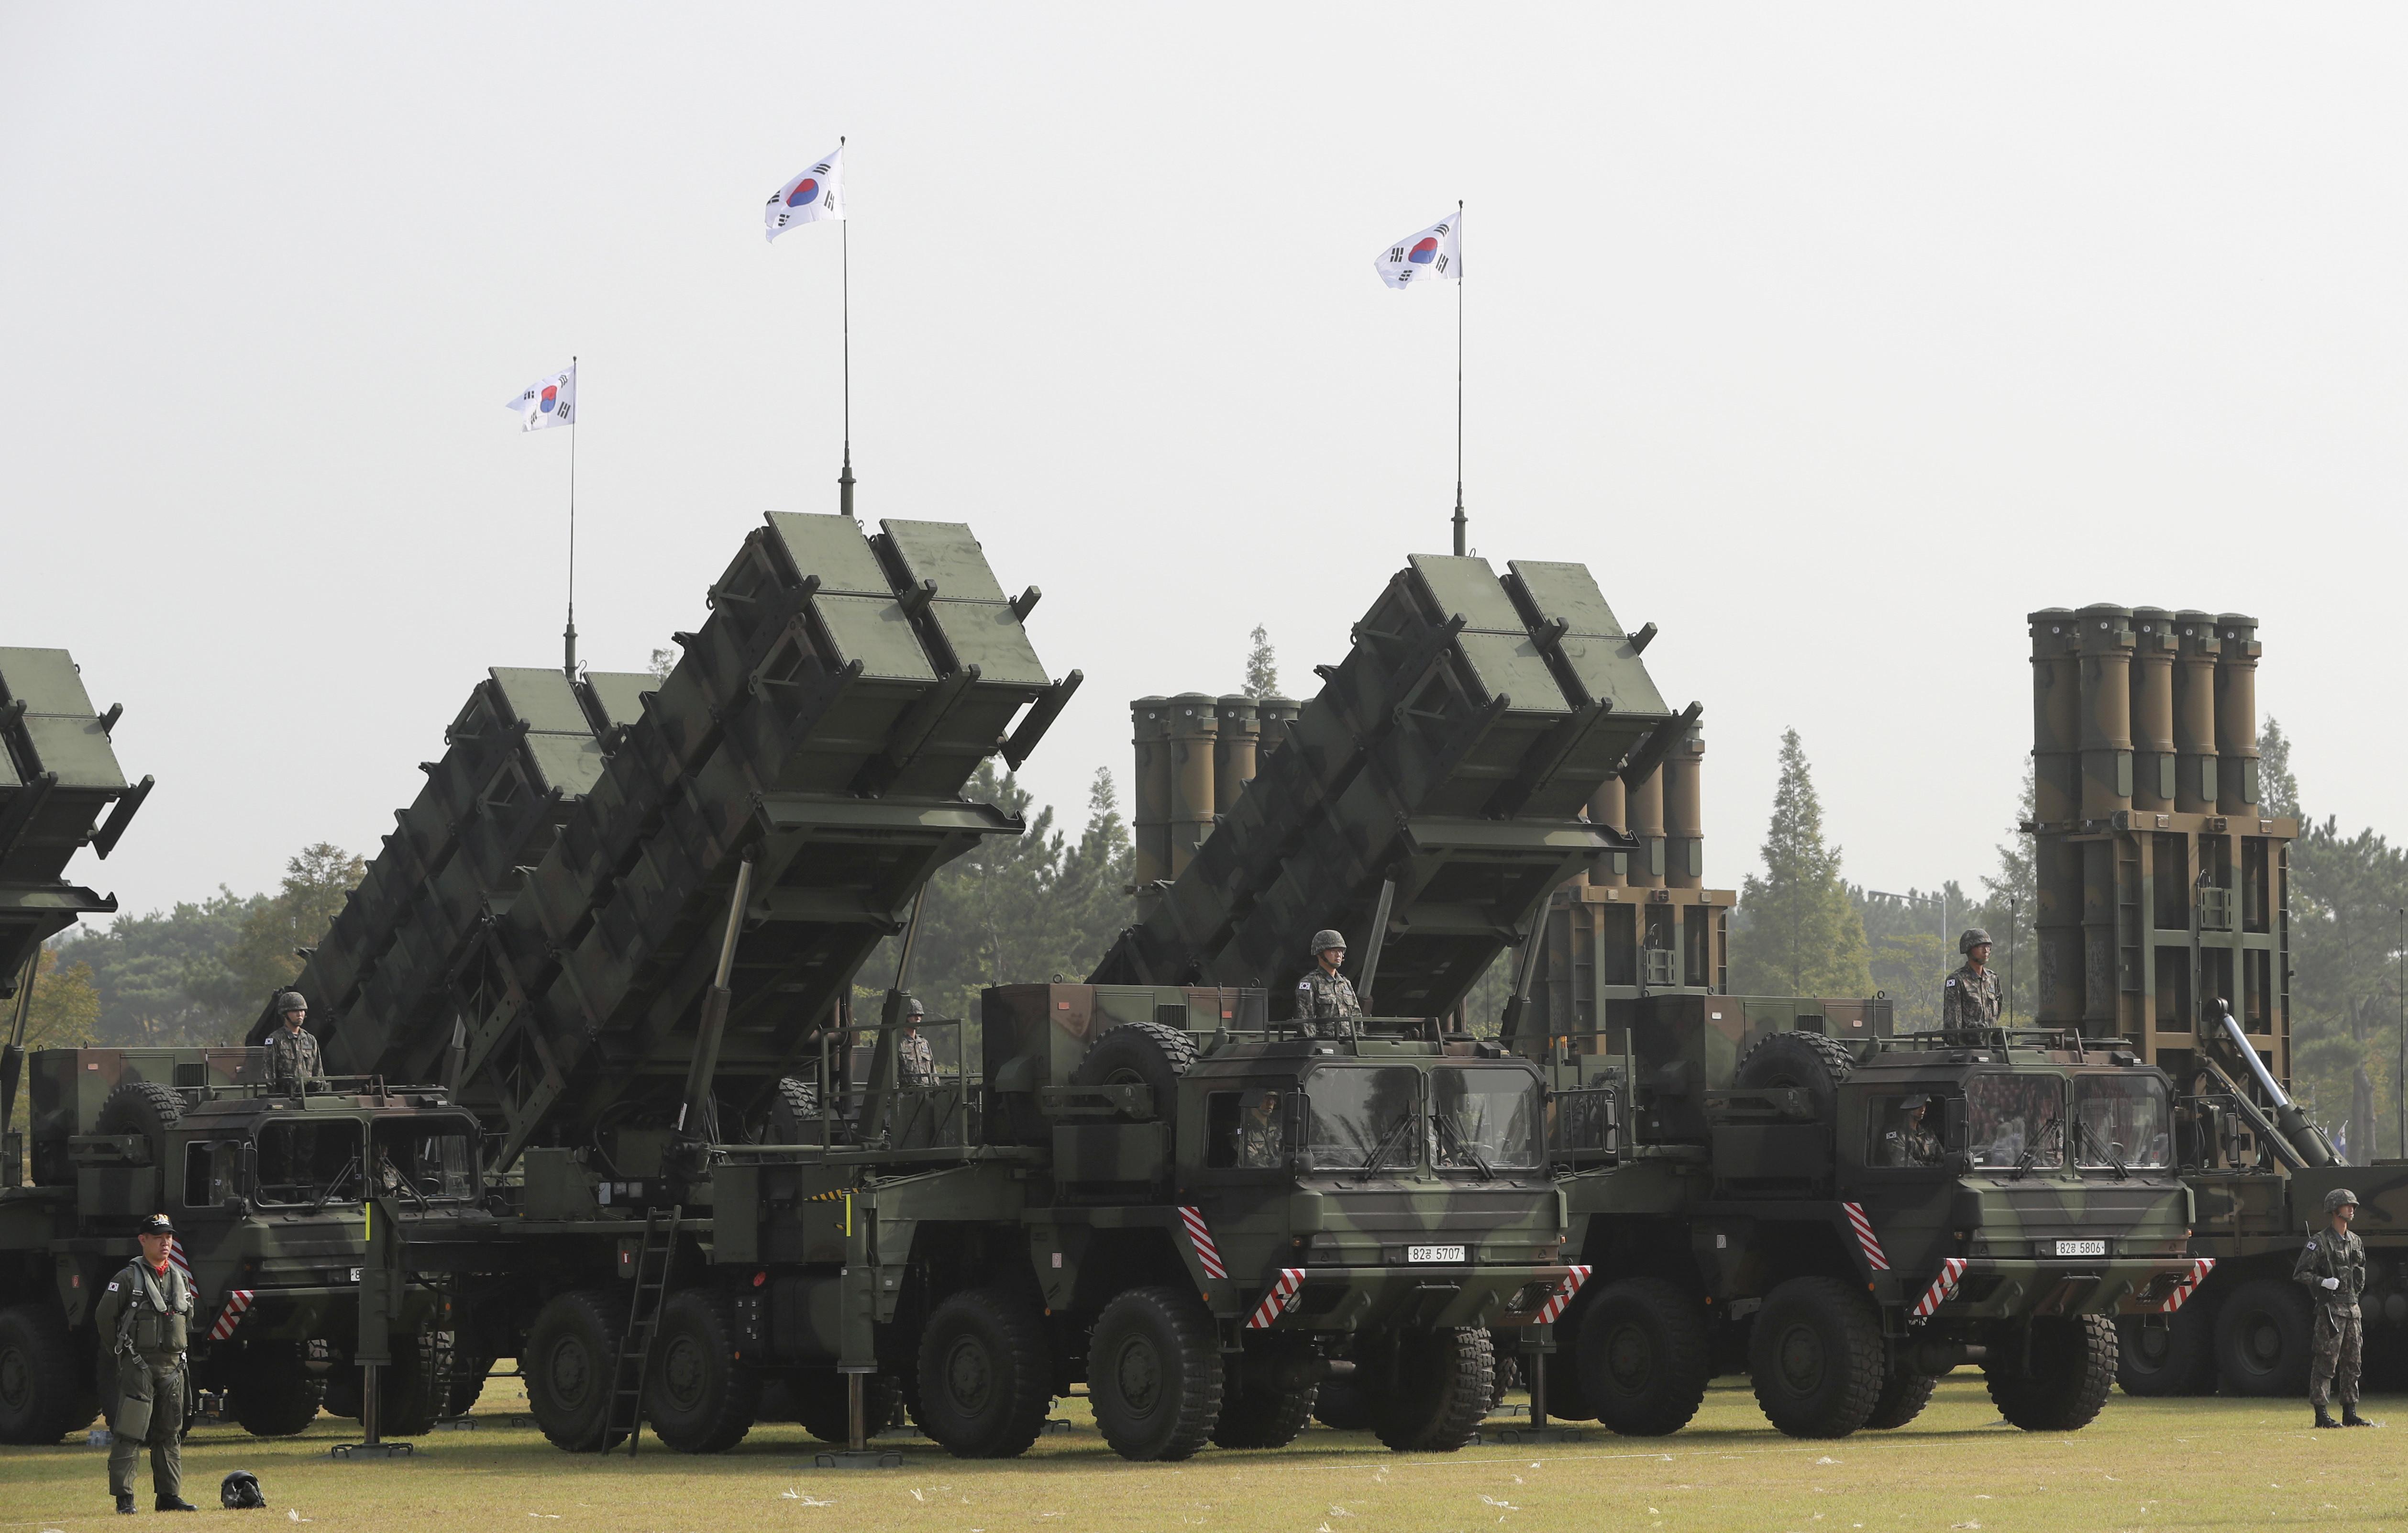 拜登,布林肯,美台關係,北約,武統,美中關係,軍購,東風飛彈,防空防禦系統,C4ISR